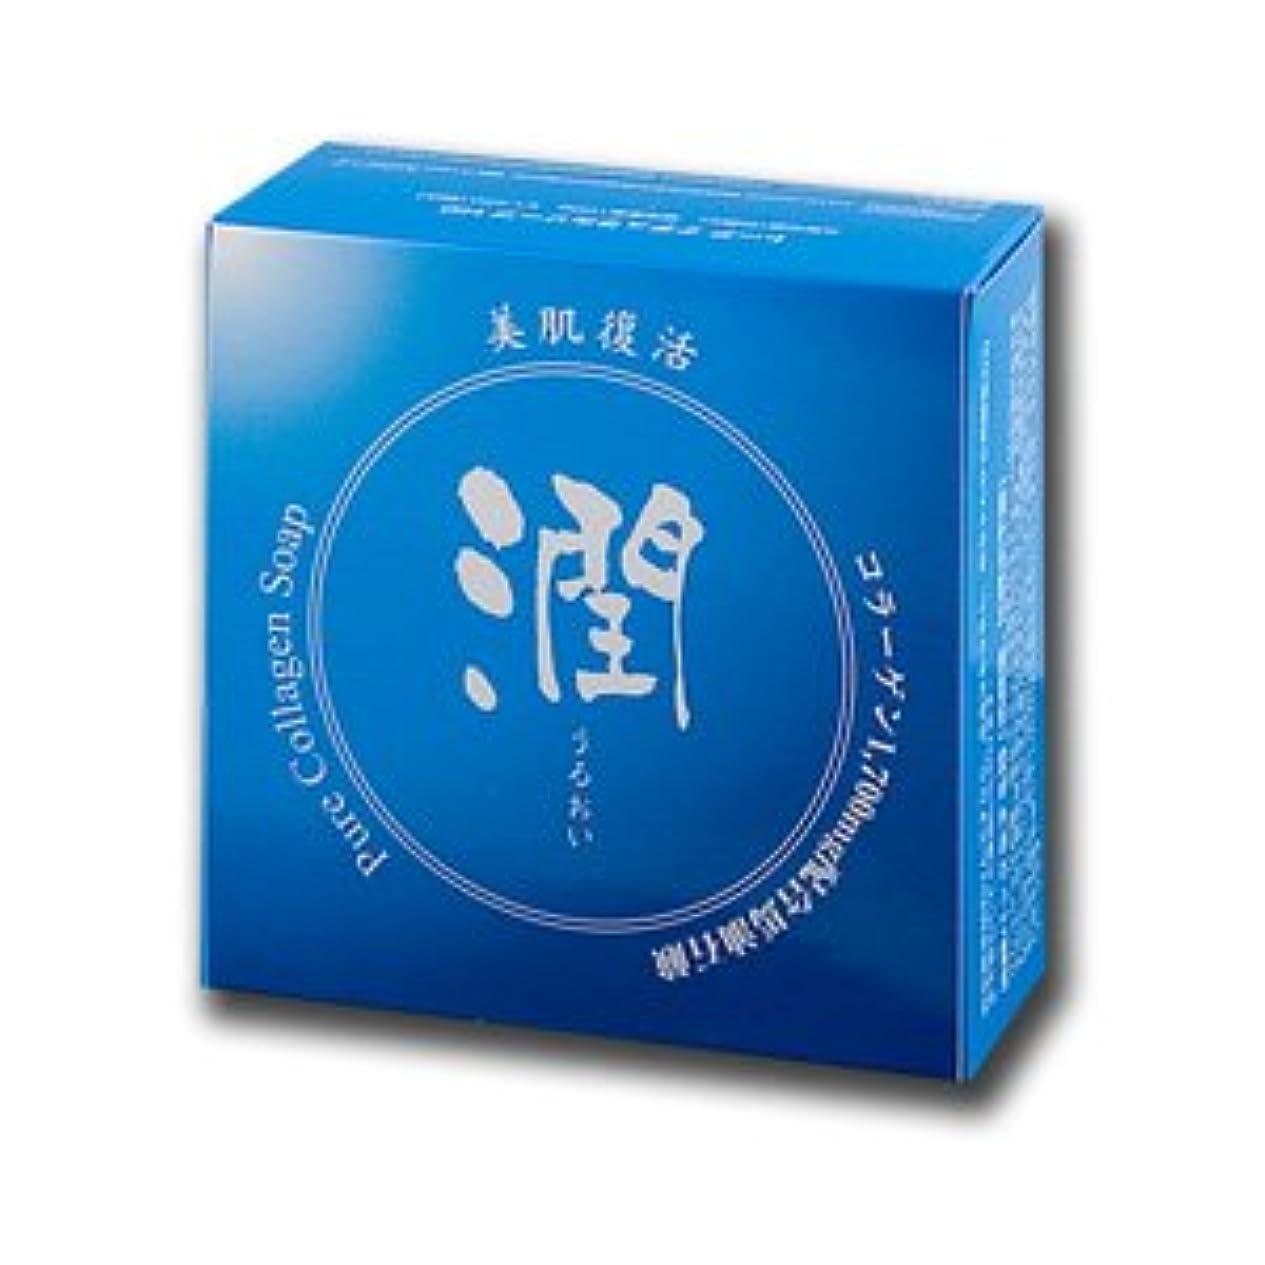 白雪姫安息ベックスコラーゲン馬油石鹸 潤 100g (#800410) ×5個セット